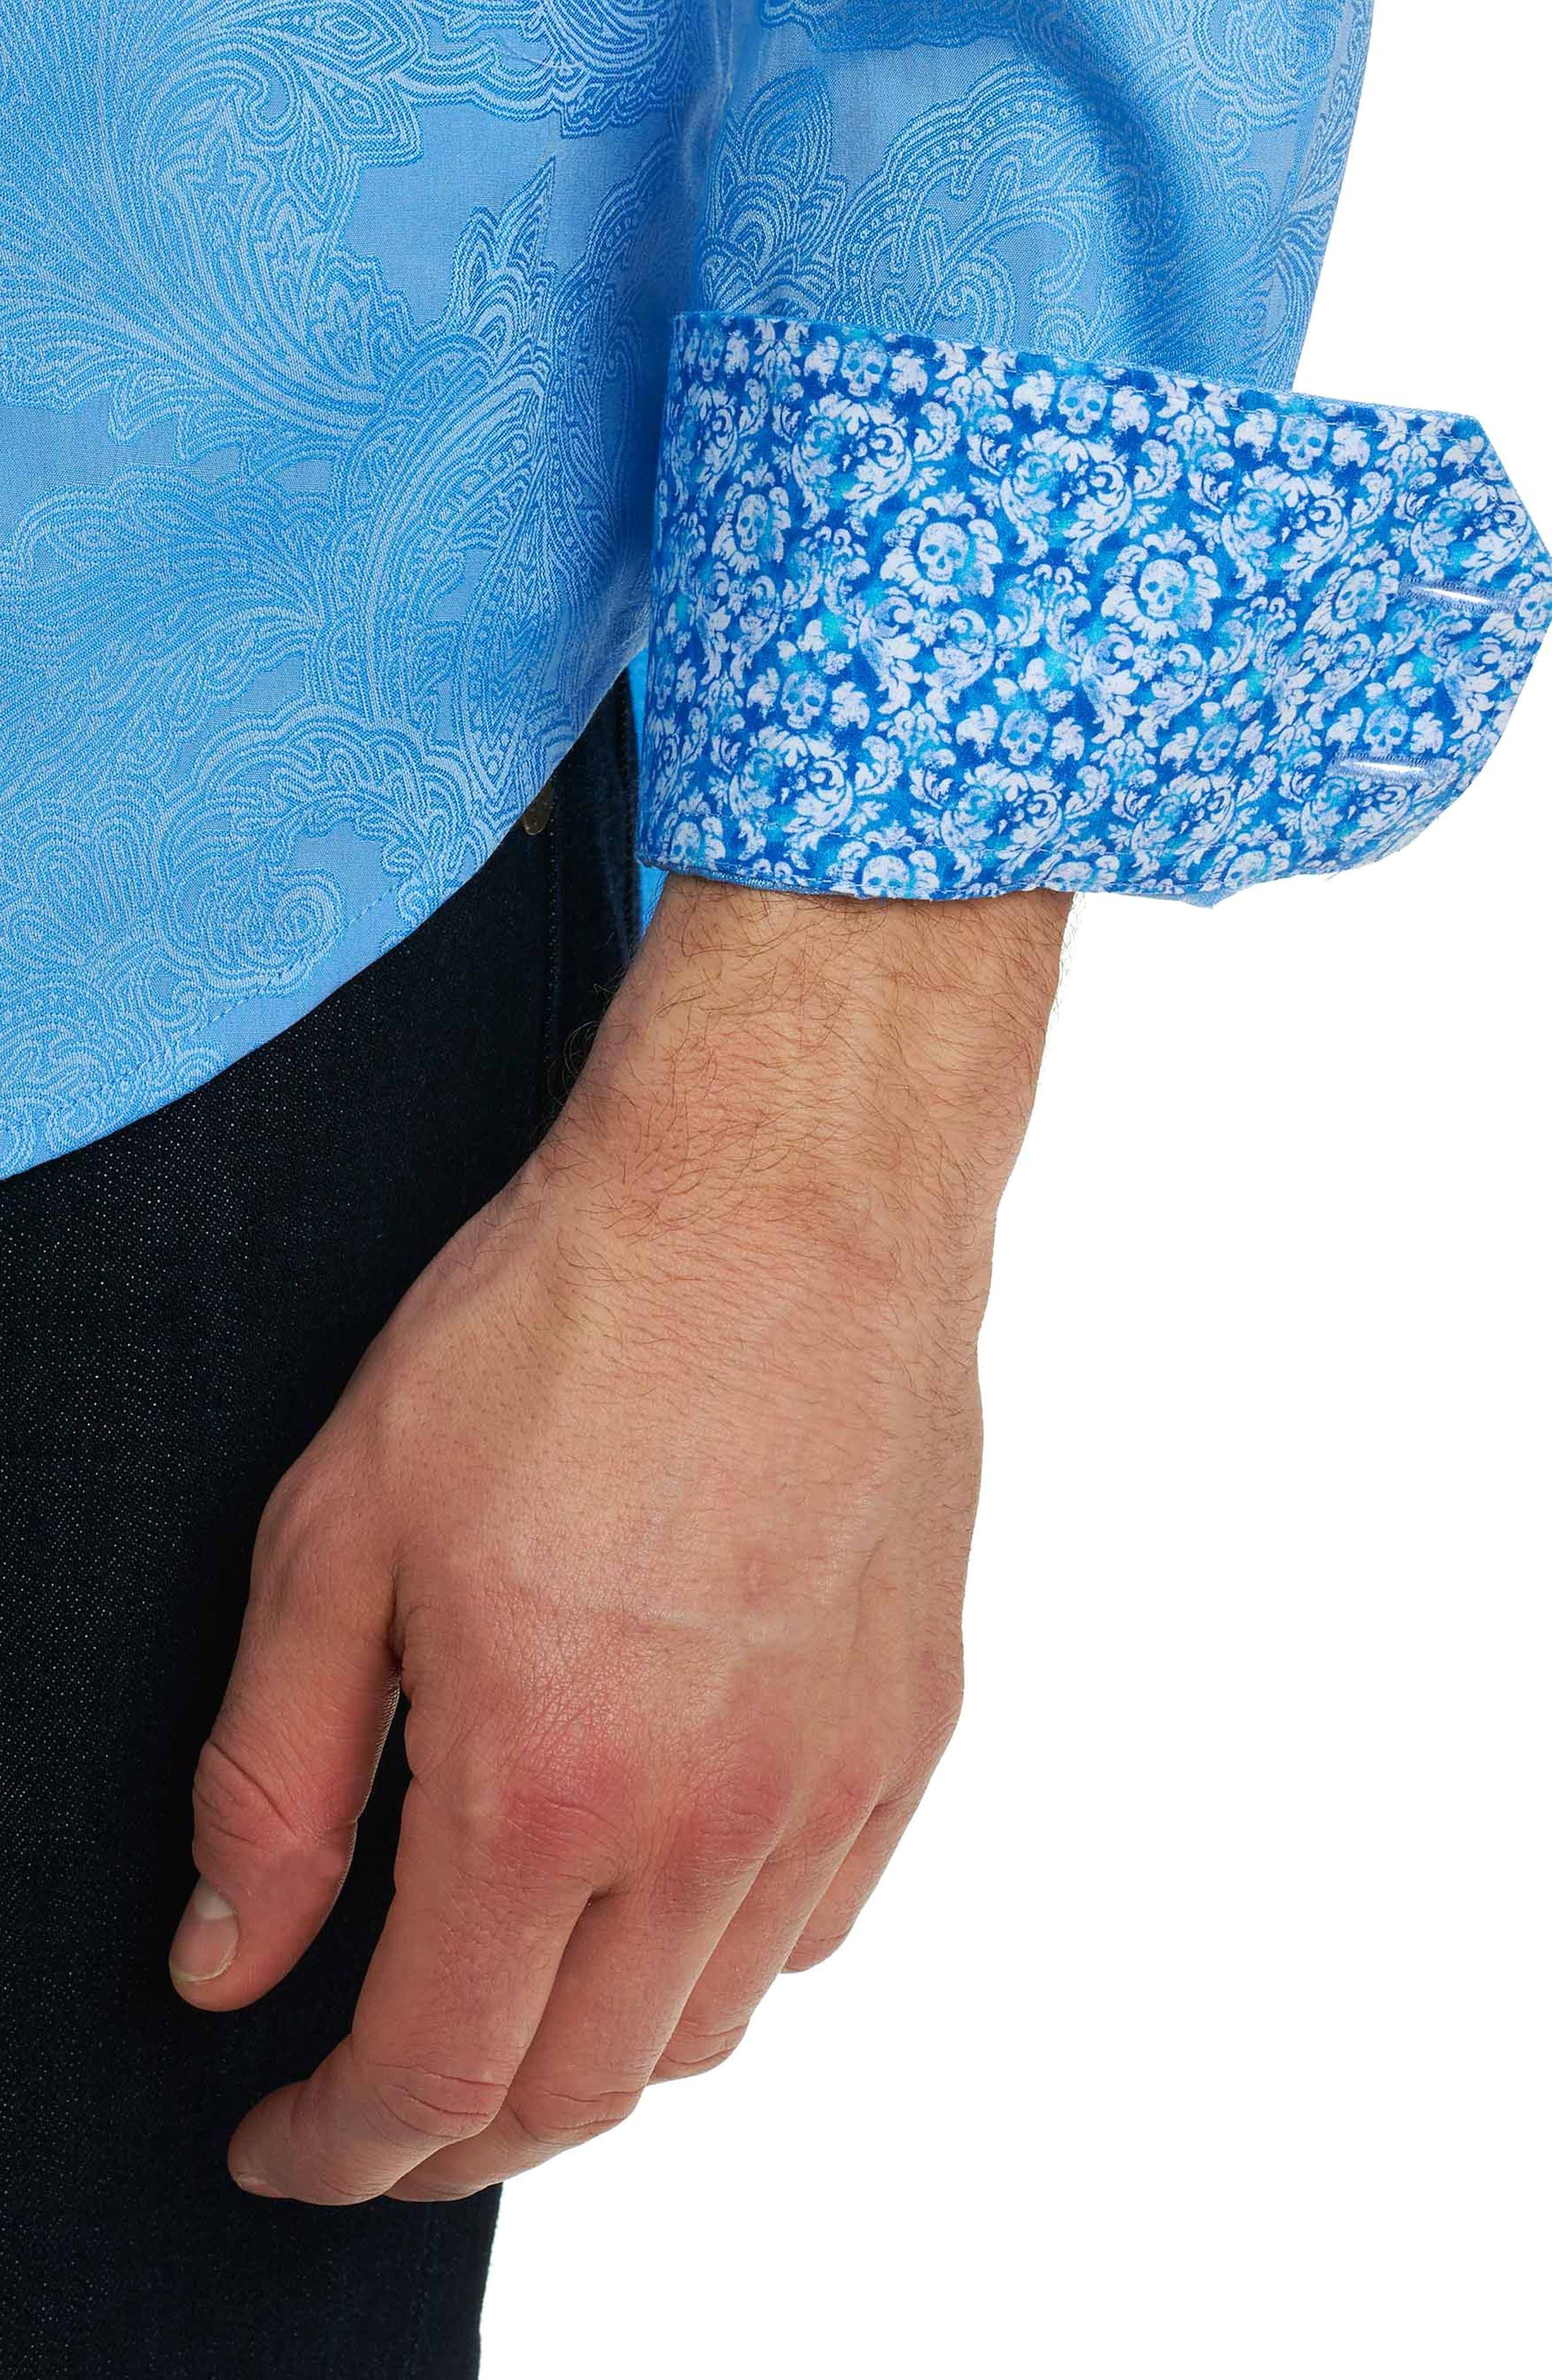 Rosendale Classic Fit Jacquard Sport Shirt,                             Alternate thumbnail 6, color,                             Light Blue